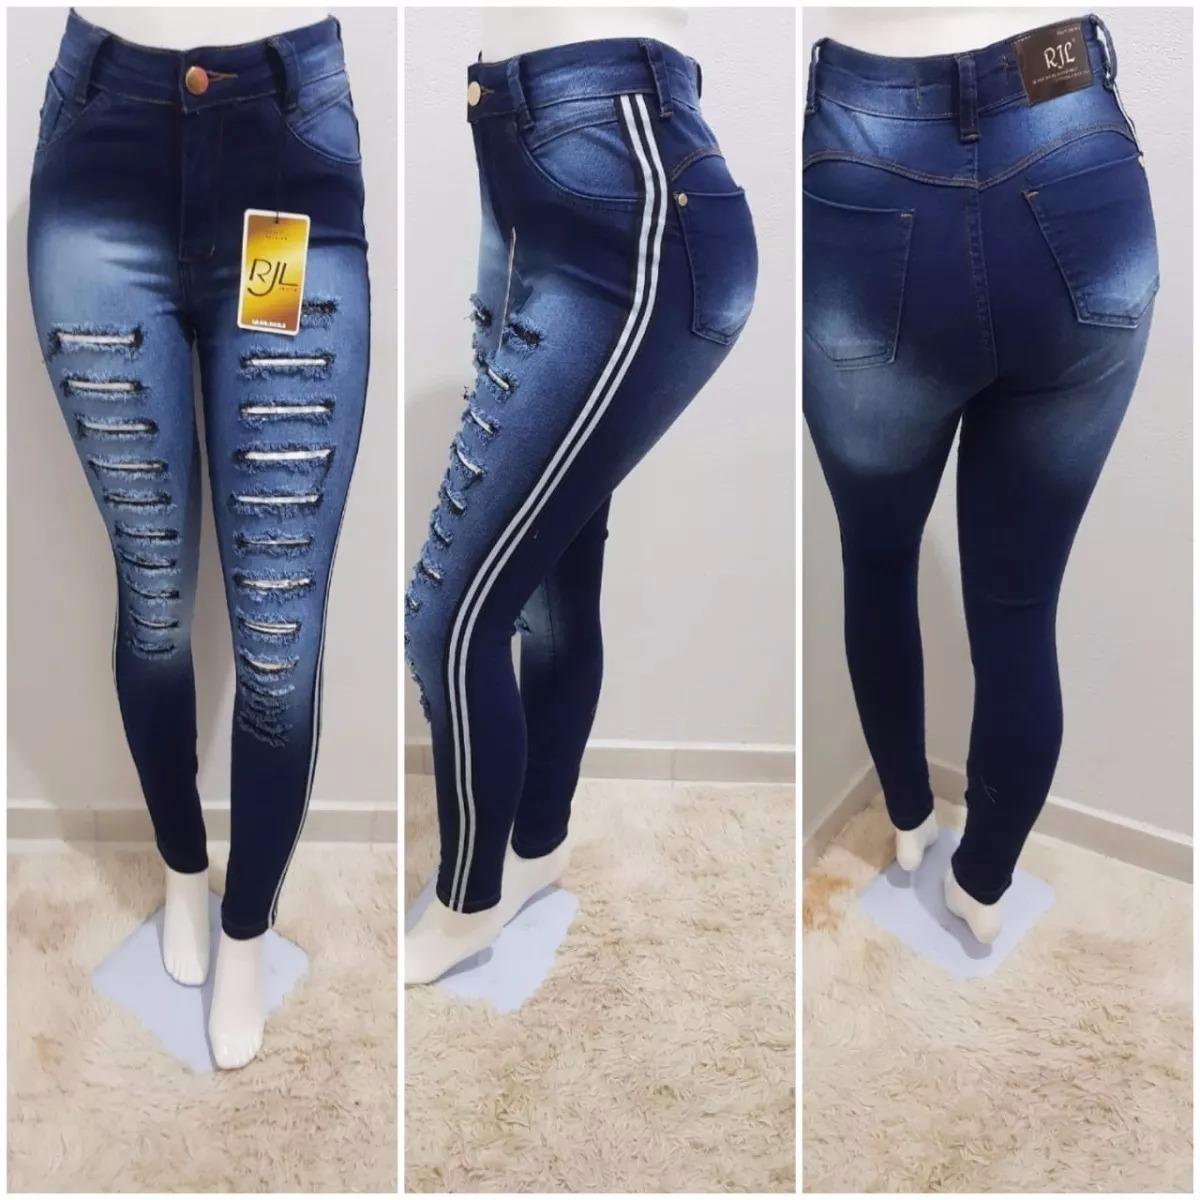 04b47d2c1 (calça jeans feminina hot pants destroyed customizada). Carregando zoom.